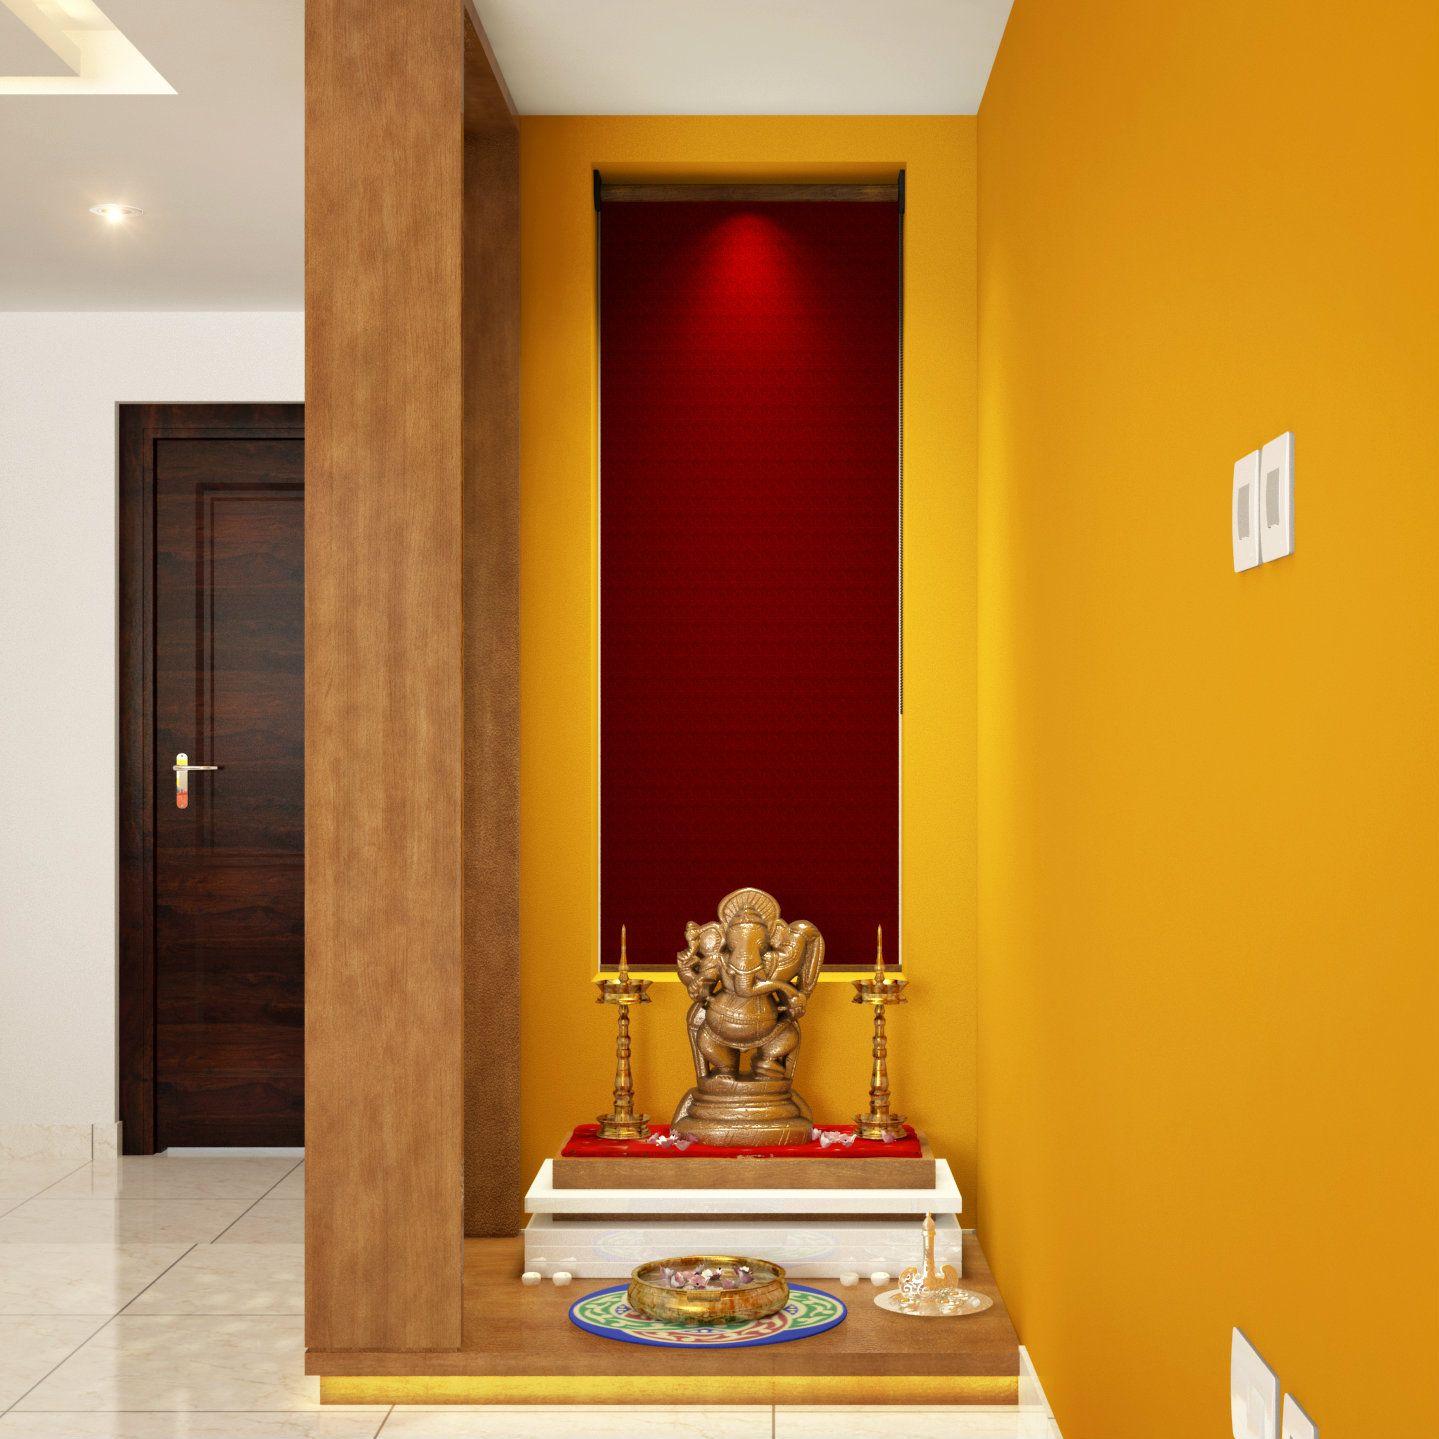 niche converted to stylish pooja corner pooja corners